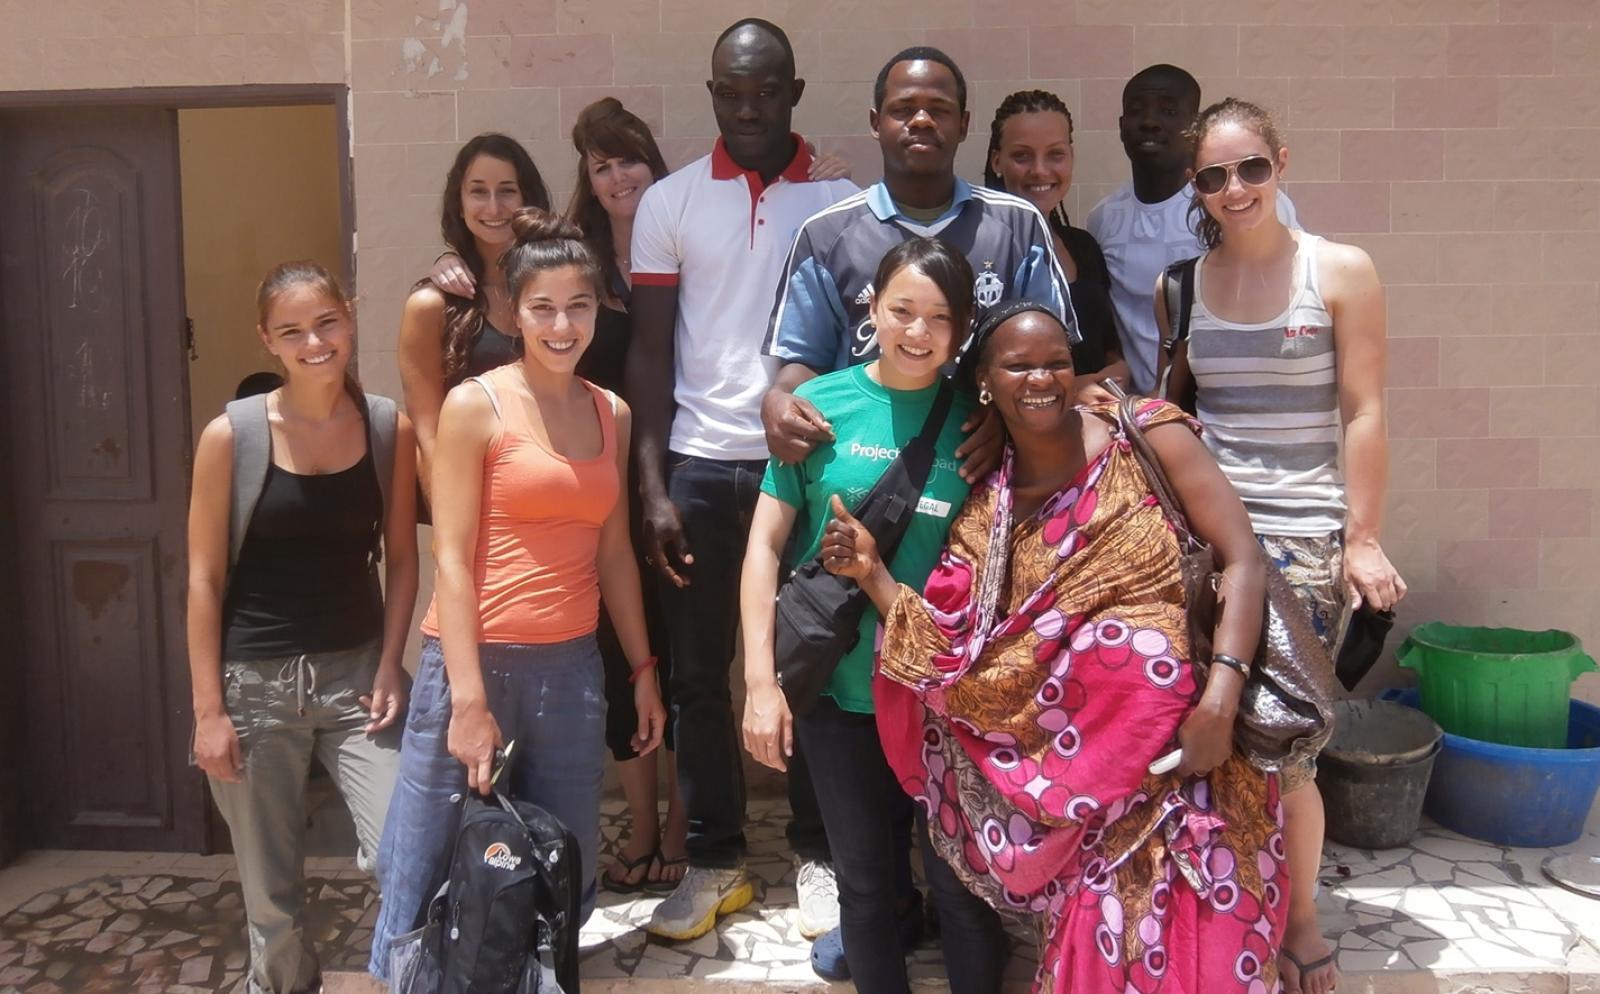 日本人留学生とセネガルで出会った多国籍な仲間たち